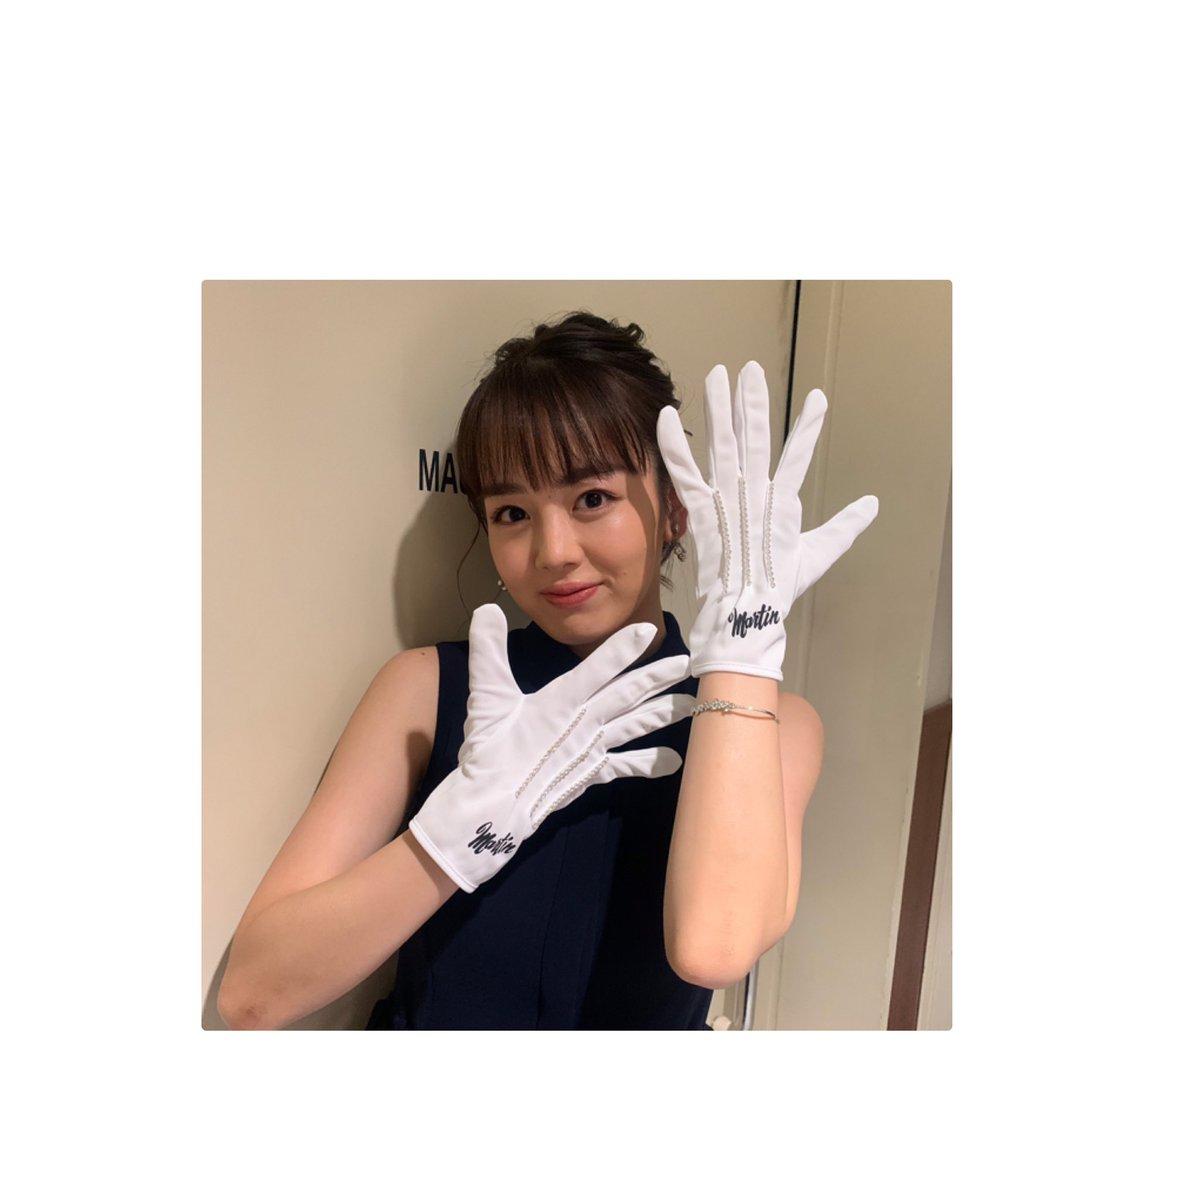 test ツイッターメディア - 9/27(日) 0時05分〜0時30分 NHK『SONGS OF TOKYO』 に出演させていただきます  鈴木雅之さんと 久しぶりにお会い出来ました! いつも優しくてカッコよくて やはり…素敵  ラブ・ドラマティックを 鈴木雅之さんと め組のひとを 鈴木雅之さん、鈴木愛理さんと 一緒に歌わせていただきました🙇♂️  幸せ… https://t.co/yMSLEM8wof